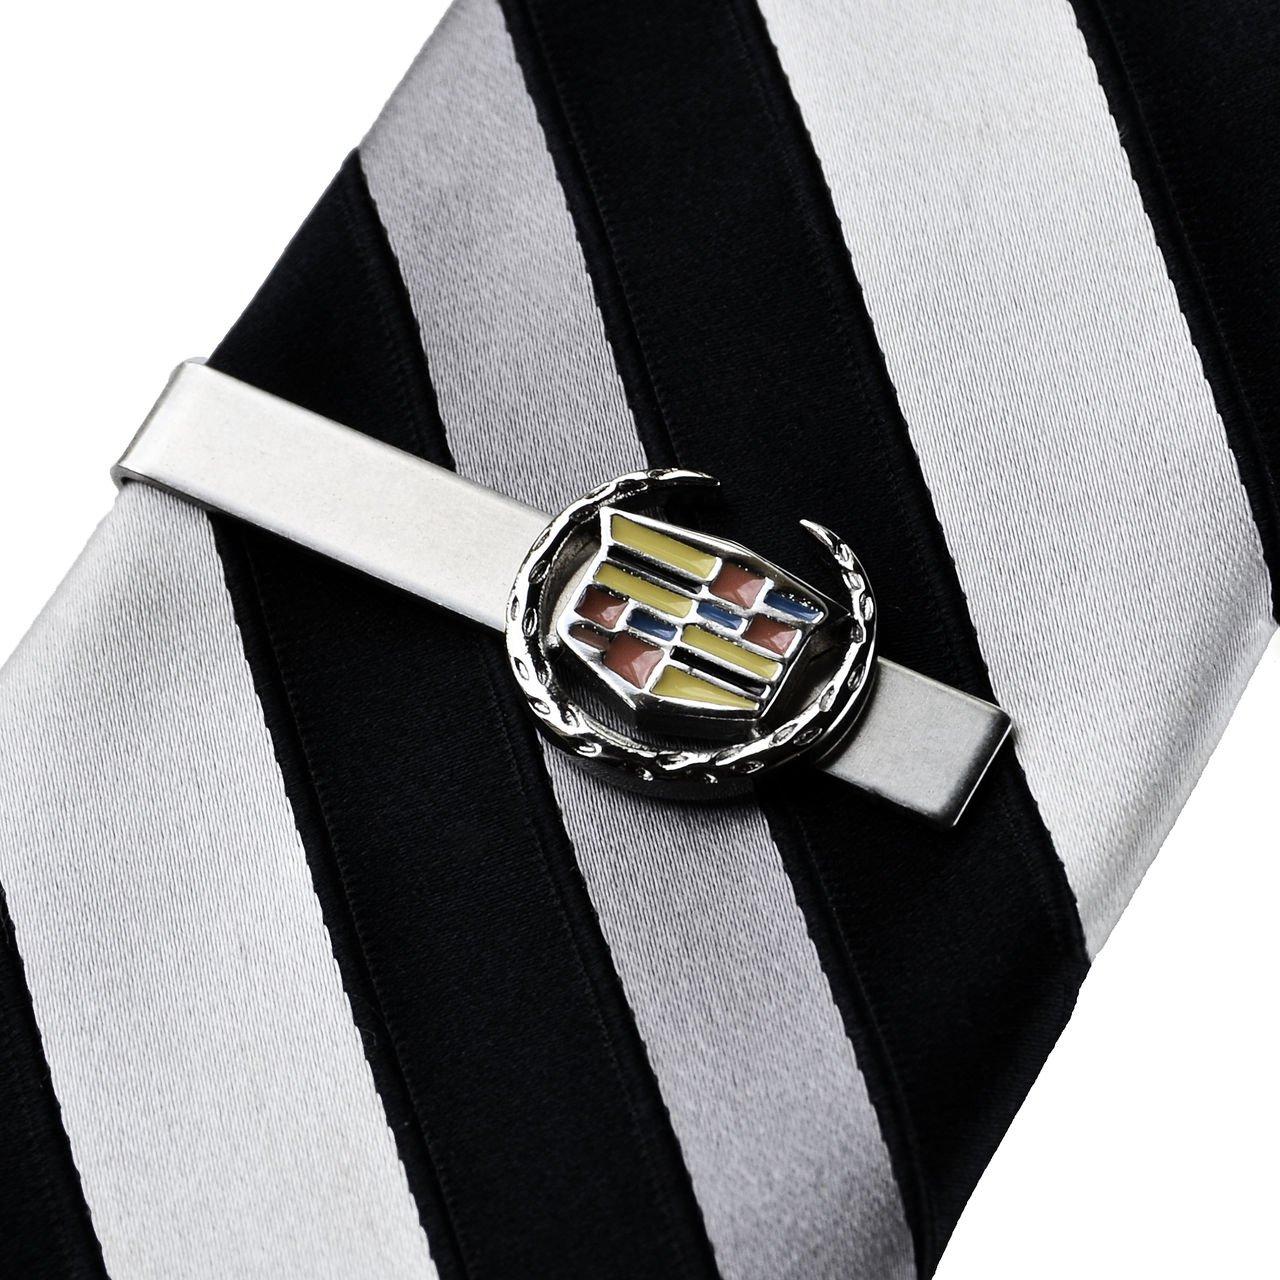 Quality Handcrafts Guaranteed Cadillac Tie Clip